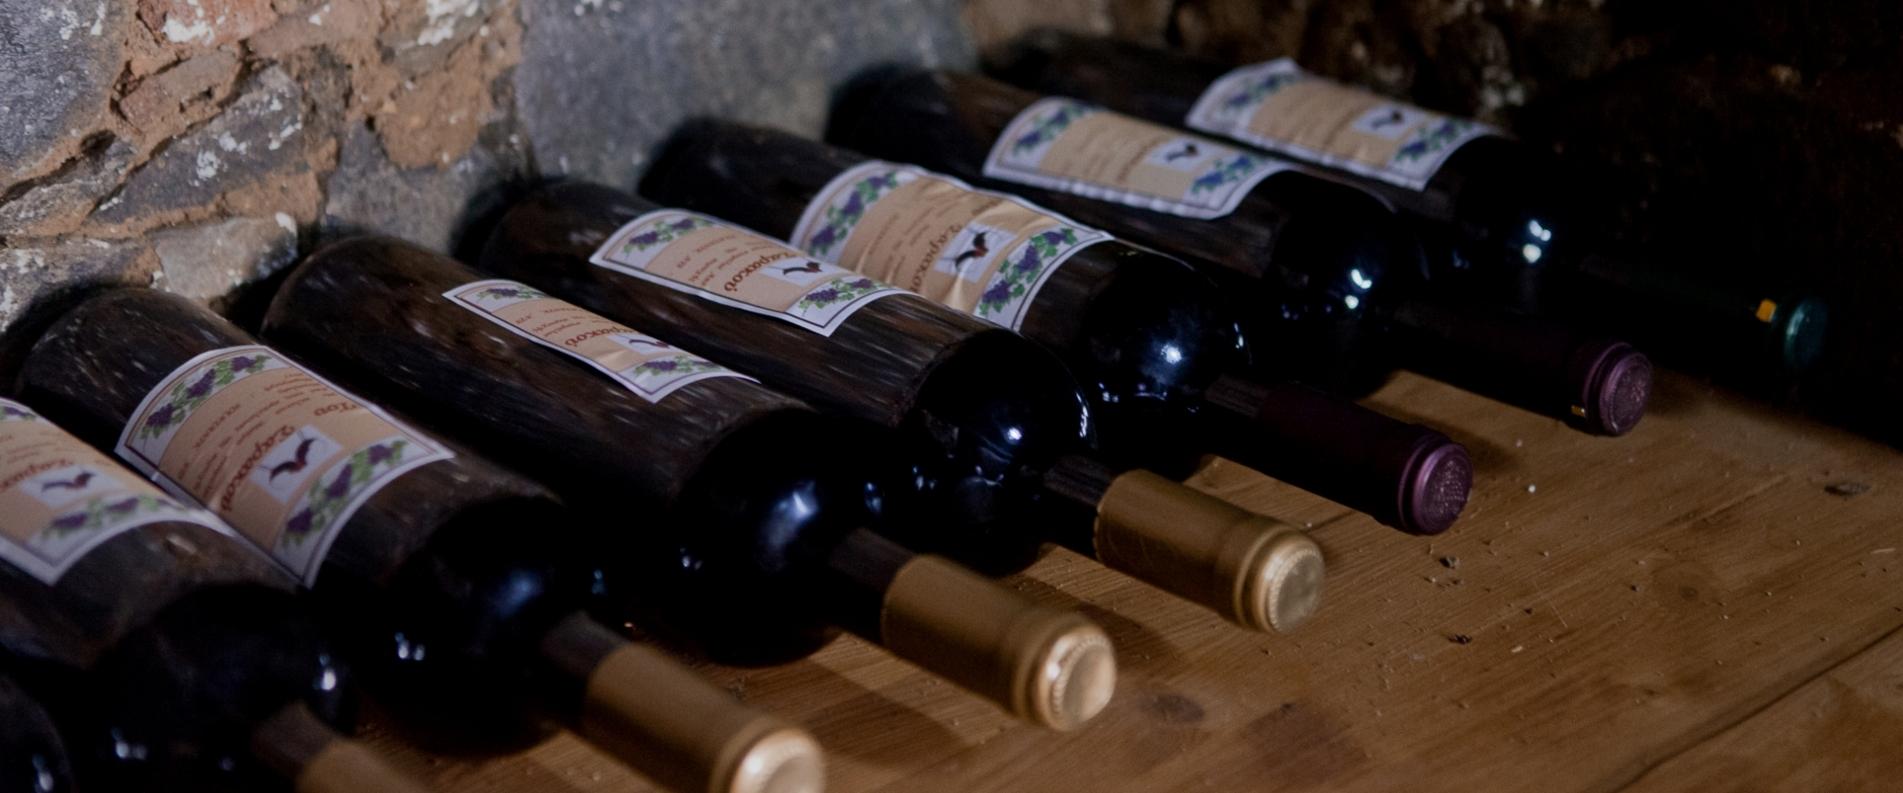 В гостях у винодела или Вино «из (-под) крана» и зивания во дворе